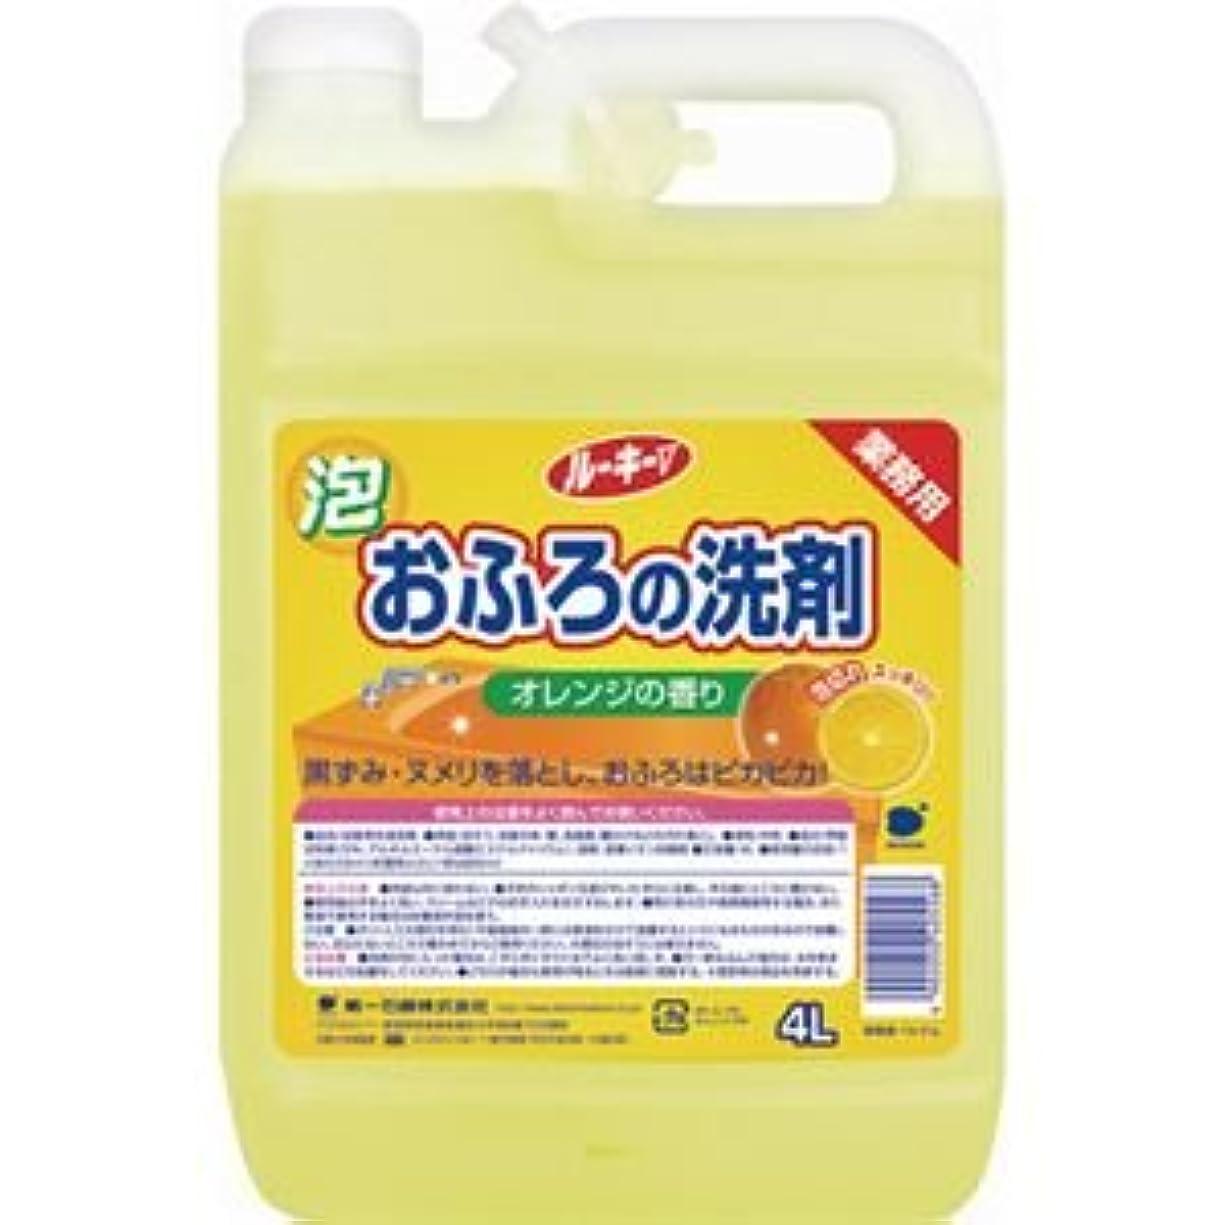 モートひいきにする無力(まとめ) 第一石鹸 ルーキーV おふろ洗剤 業務用 4L 1本 【×5セット】